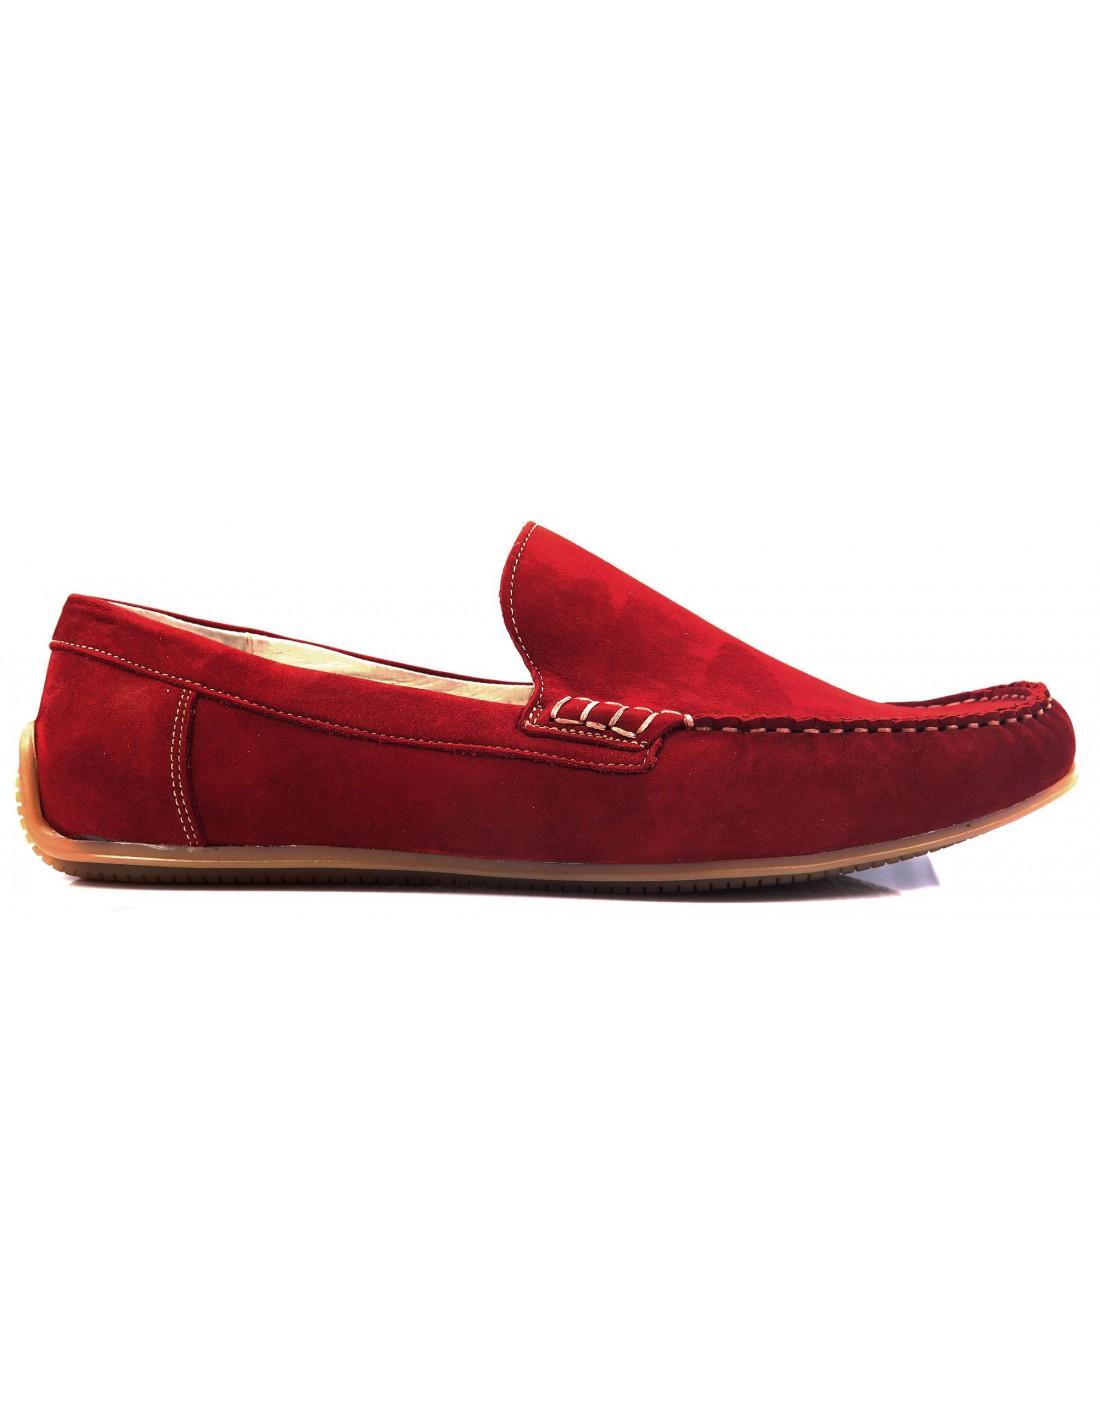 90cfc3e3b8a08 Mokasyny męskie / buty wsuwane | Sklep Internetowy Modini.pl